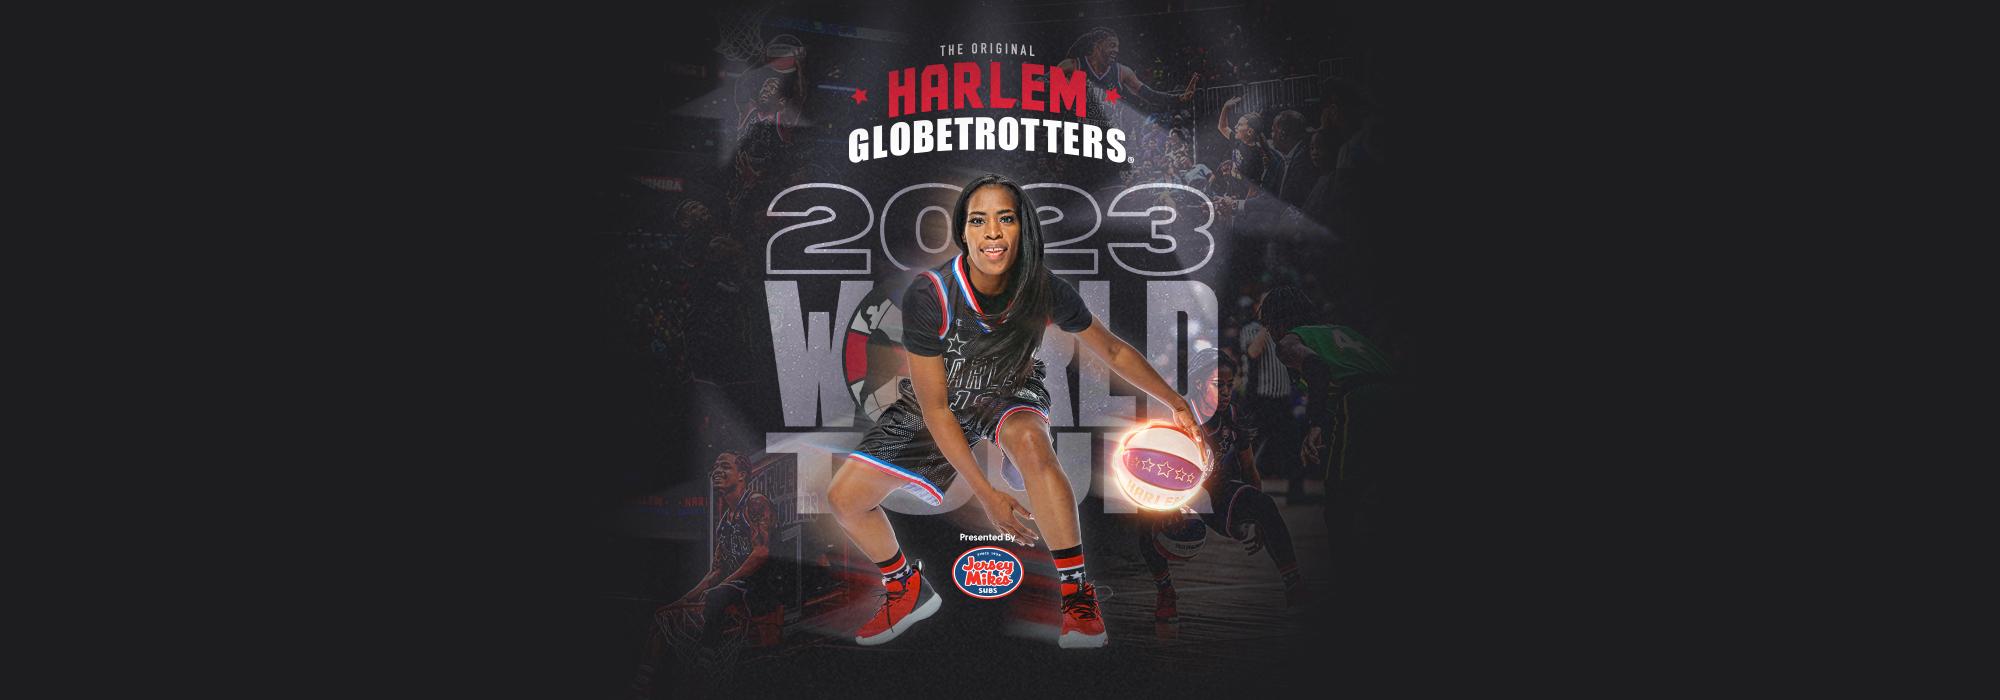 A Harlem Globetrotters live event